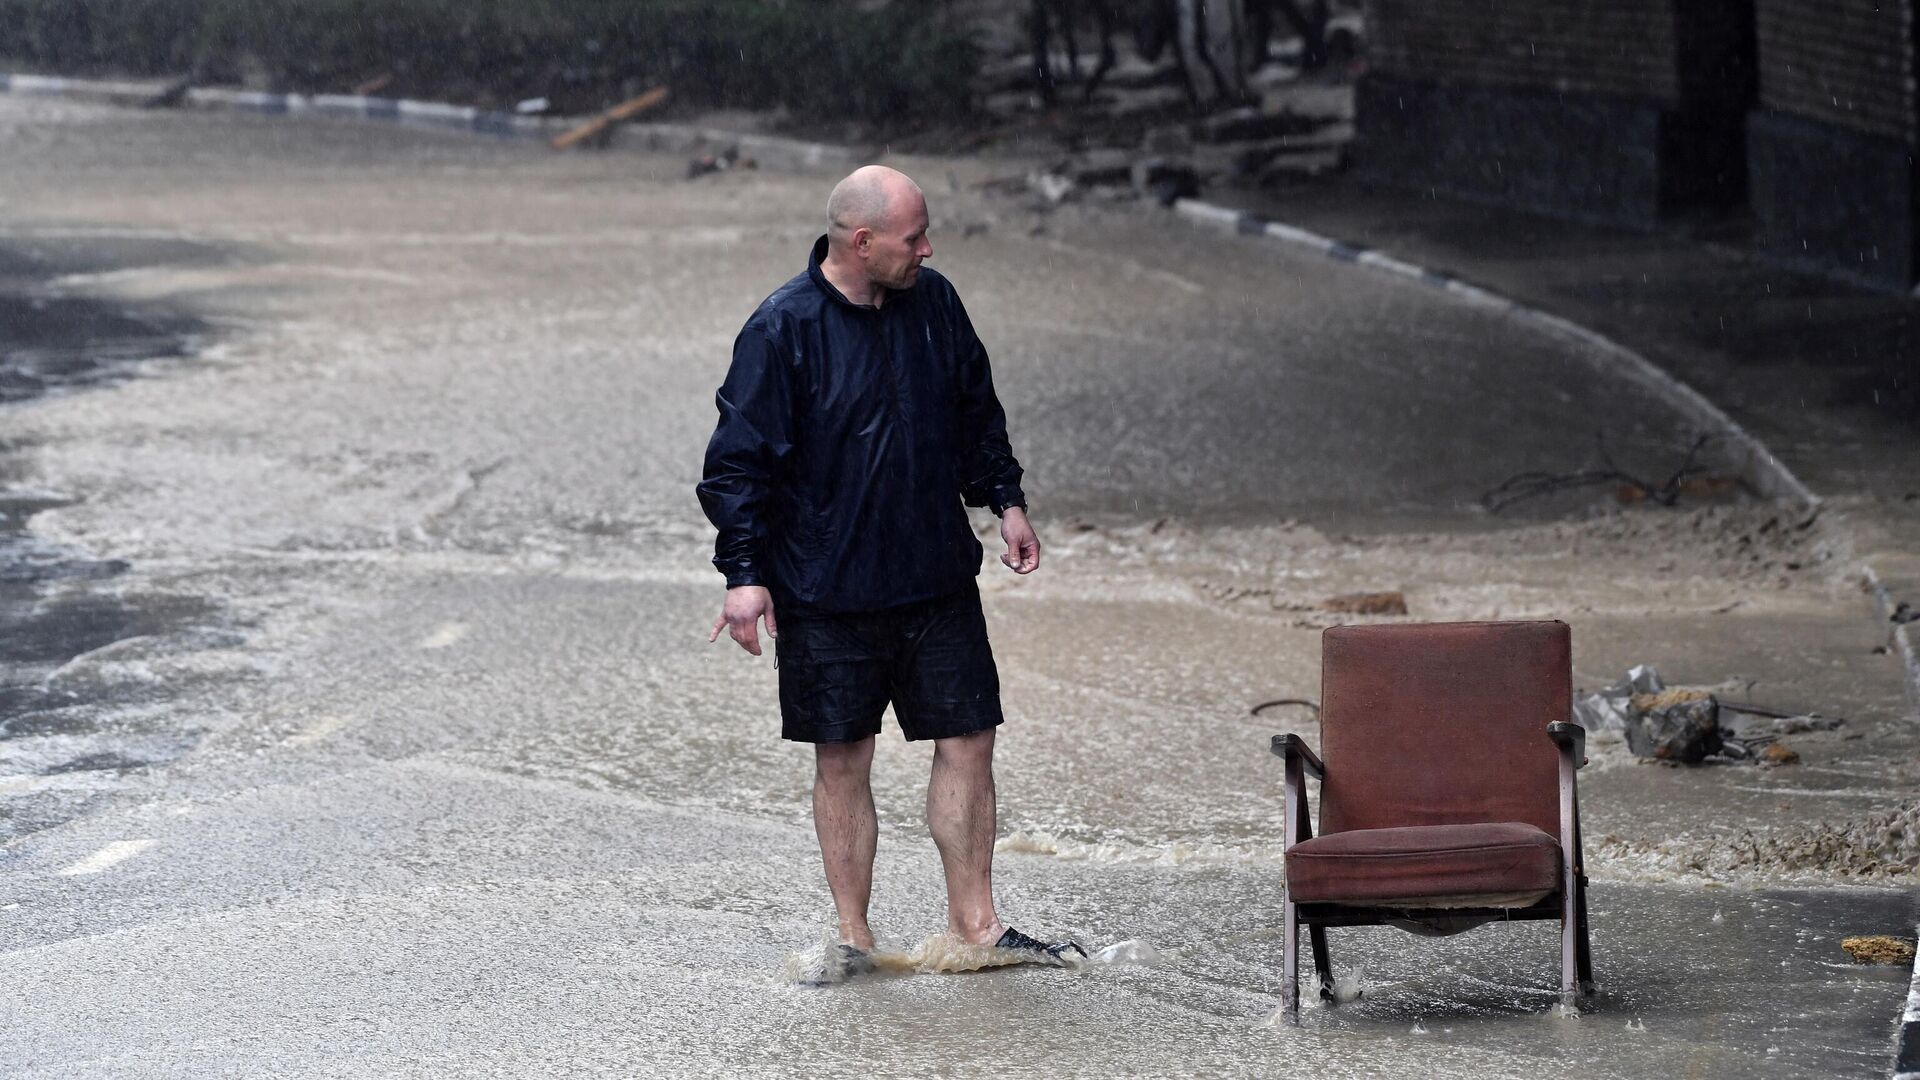 Мужчина на одной из улиц Ялты. В Крыму прошли сильные дожди, вызвавшие подтопления - РИА Новости, 1920, 19.06.2021